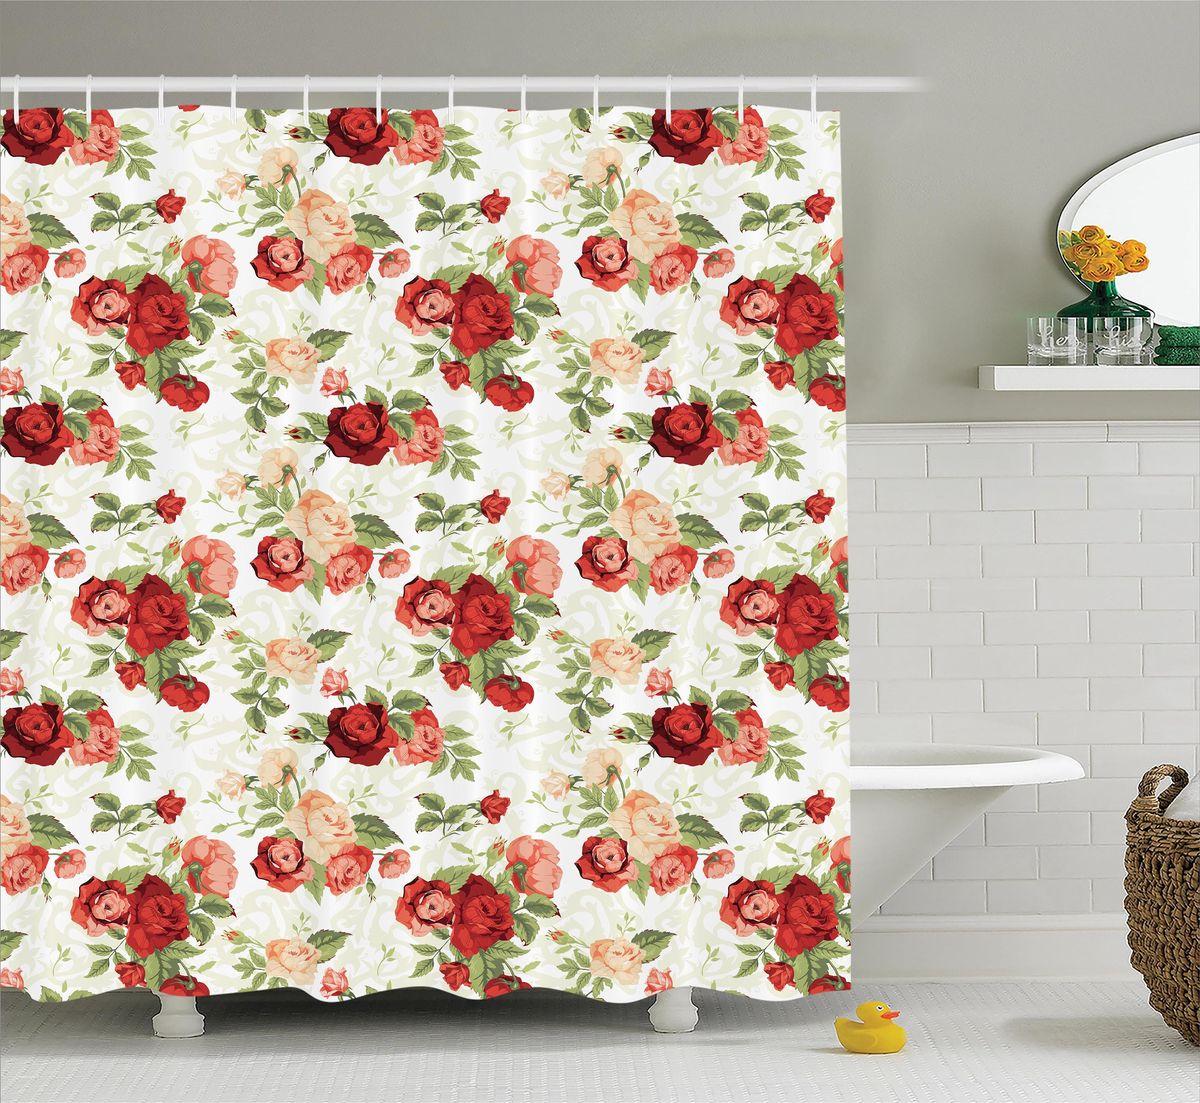 Штора для ванной комнаты Magic Lady Розы в стиле ретро, 180 х 200 смшв_12331Штора Magic Lady Розы в стиле ретро, изготовленная из высококачественного сатена (полиэстер 100%), отлично дополнит любой интерьер ванной комнаты. При изготовлении используются специальные гипоаллергенные чернила для прямой печати по ткани, безопасные для человека. В комплекте: 1 штора, 12 крючков. Обращаем ваше внимание, фактический цвет изделия может незначительно отличаться от представленного на фото.